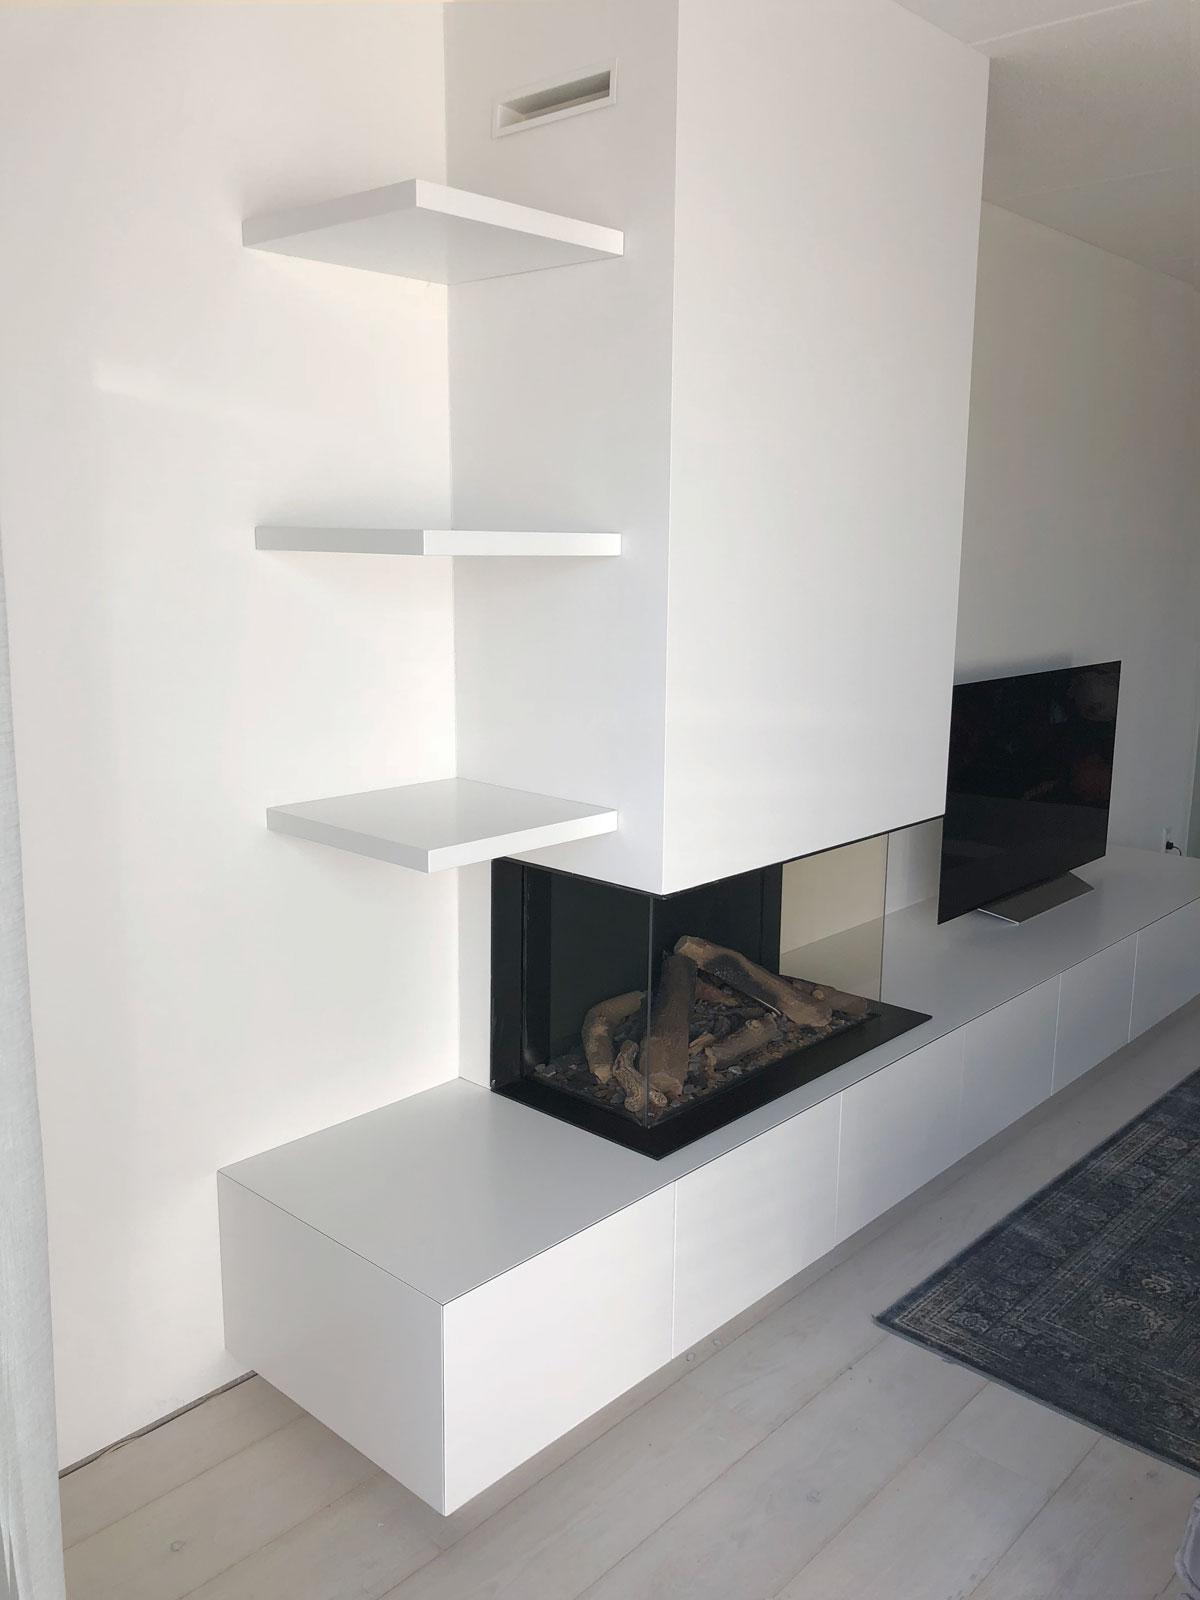 Afbeelding van een wit TV meubel met gashaard en zwevende planken.